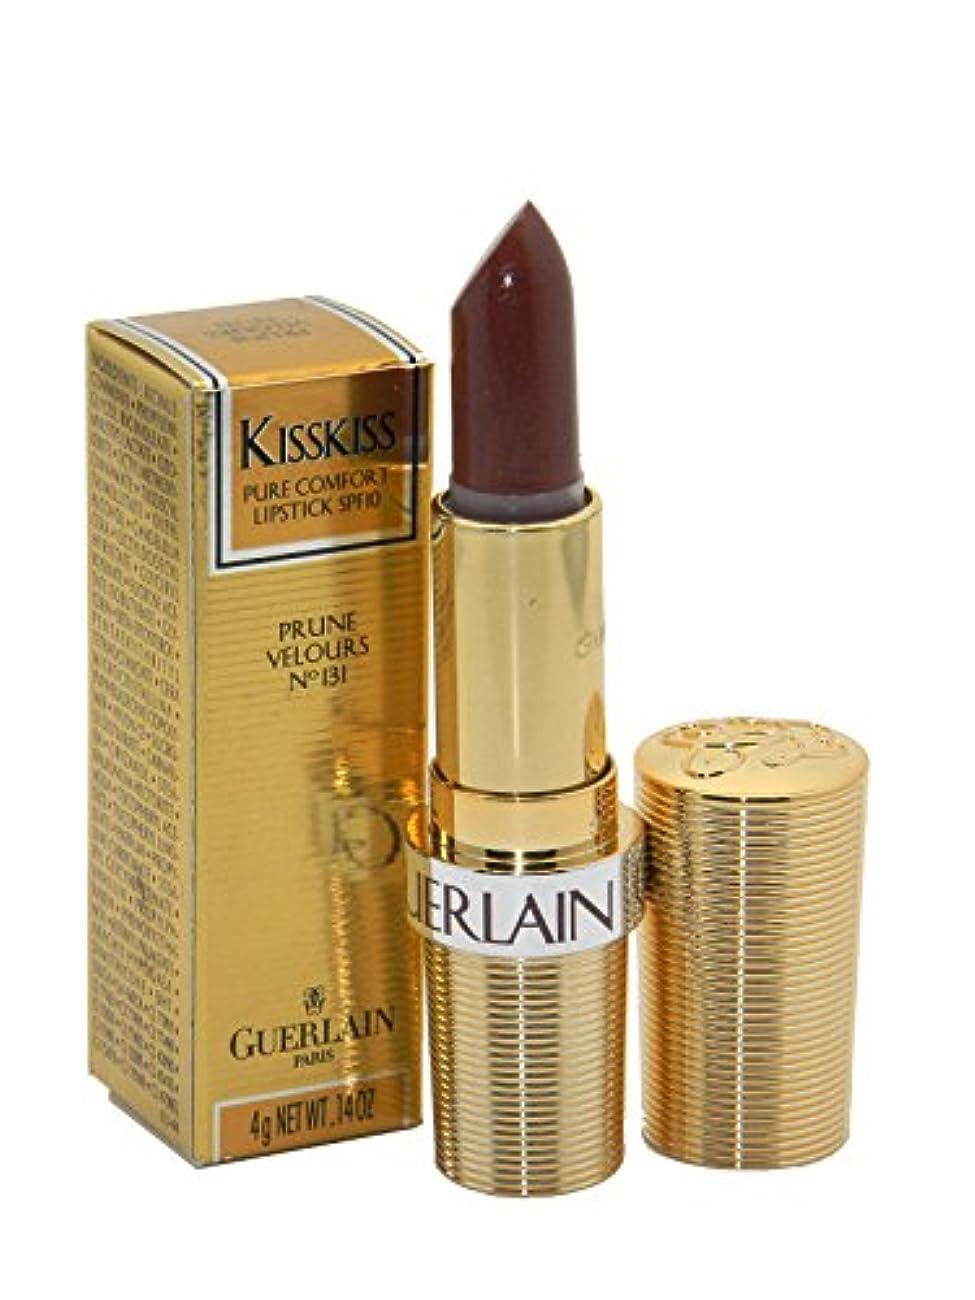 きらきらアクチュエータ予知Guerlain Lipstick Kisskiss Prune Velours No.131(ゲラン キスキス リップスティック プルーンベロア No.131) [並行輸入品]